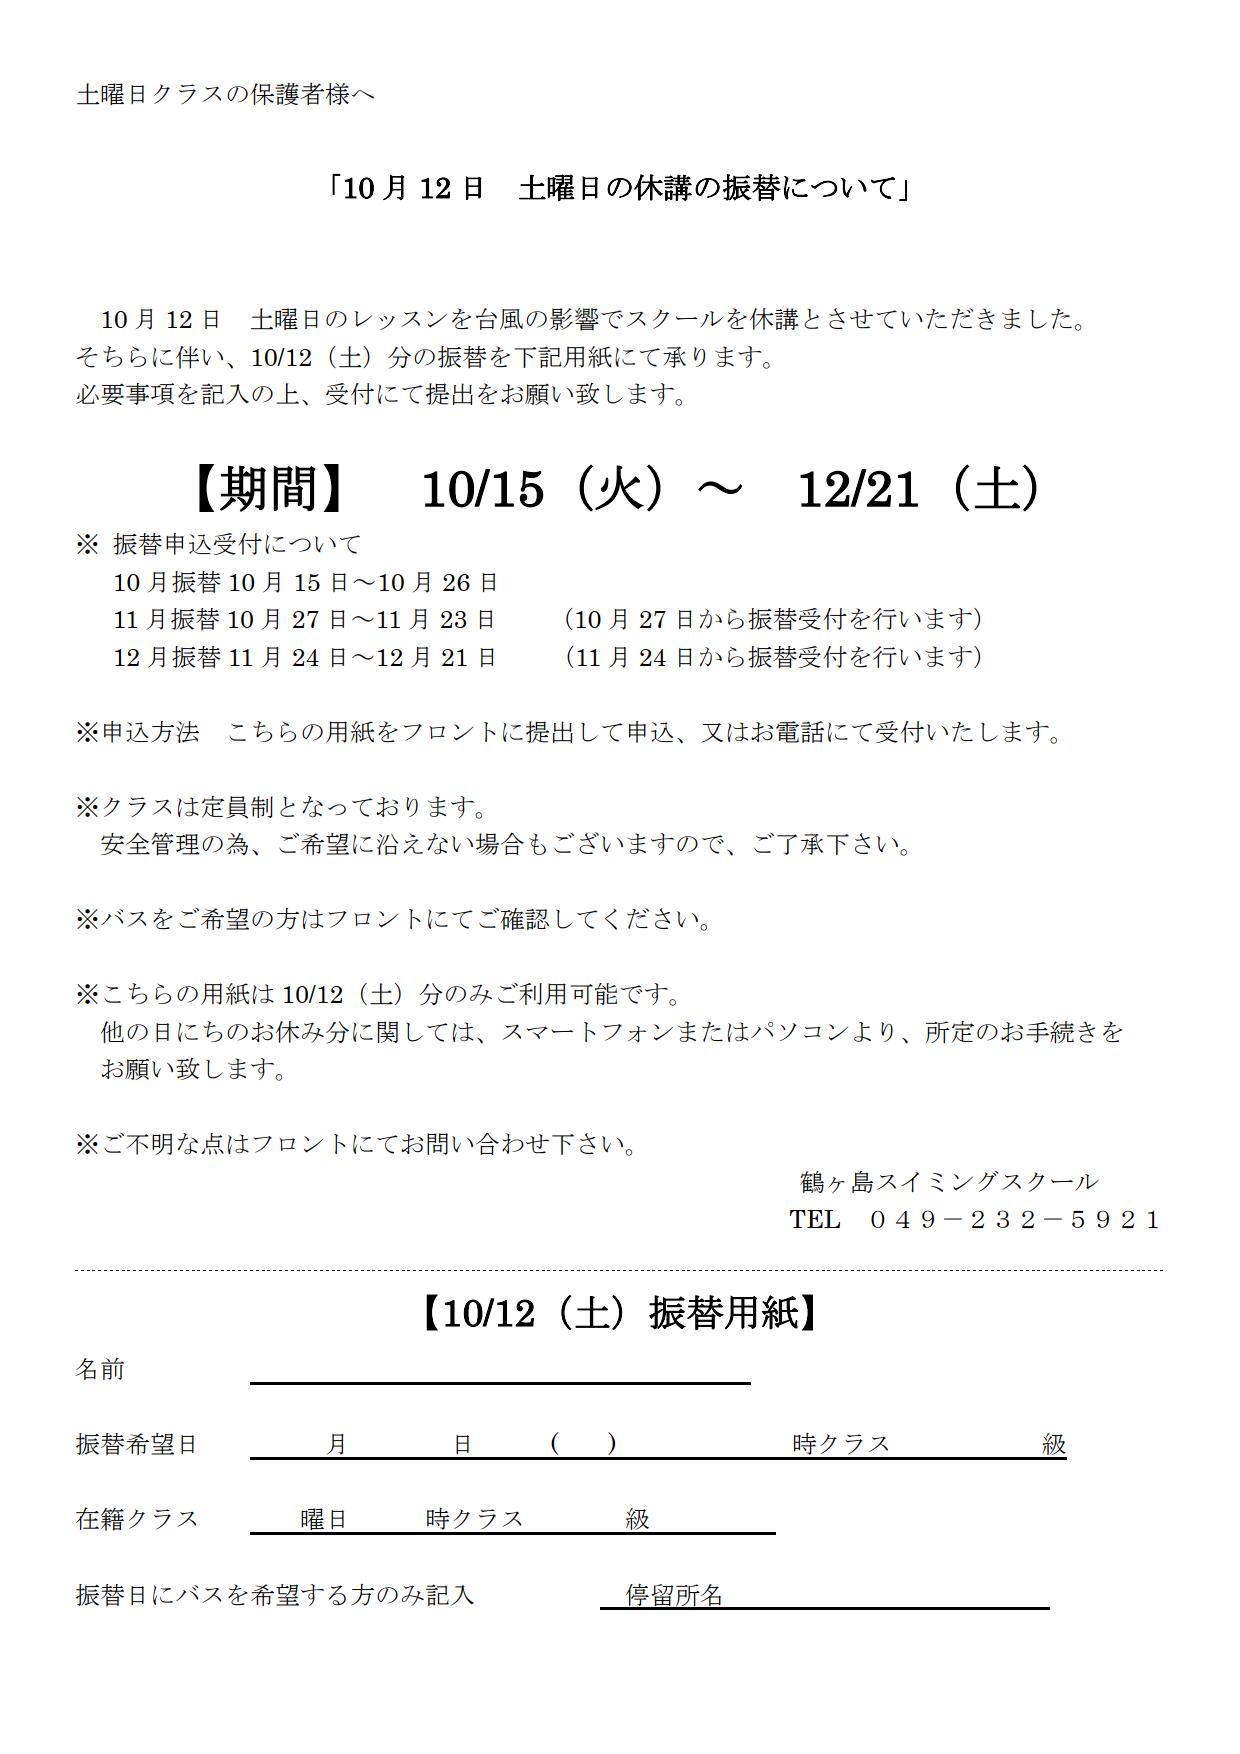 10月12日の台風による振替について